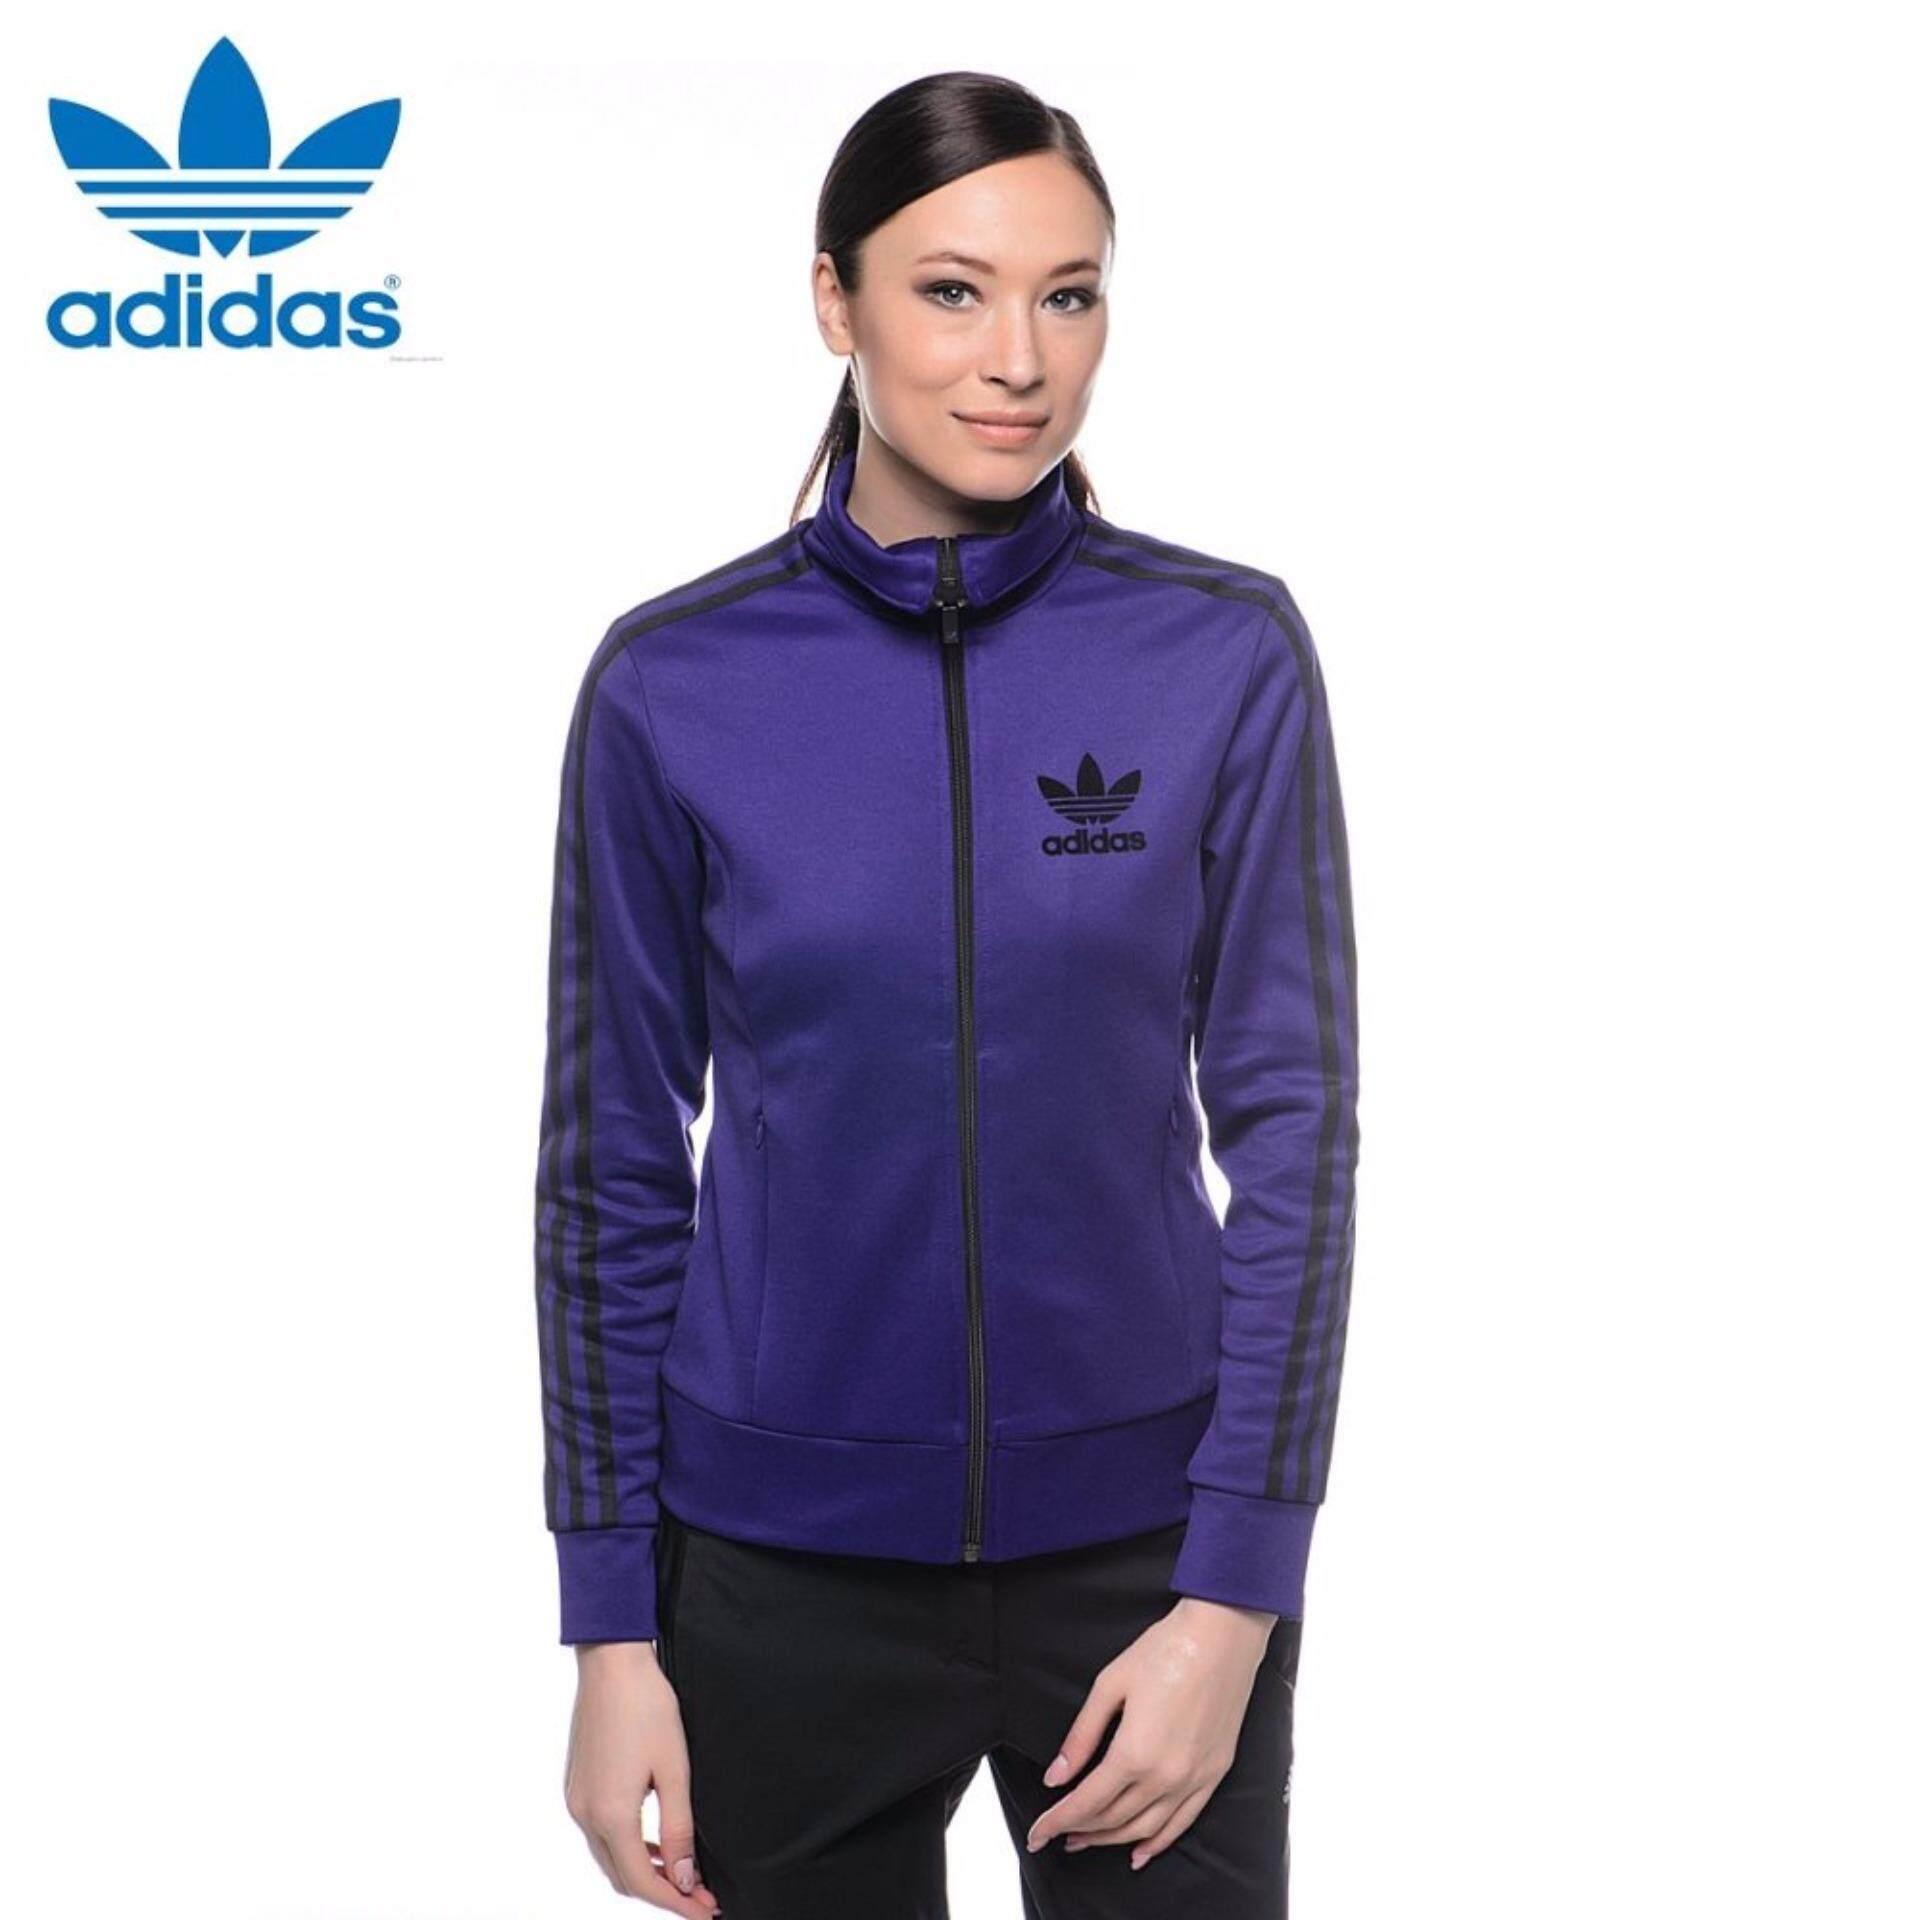 Adidas Asli Wanita Europa Jalur Jaket S19875 Ungu-Internasional